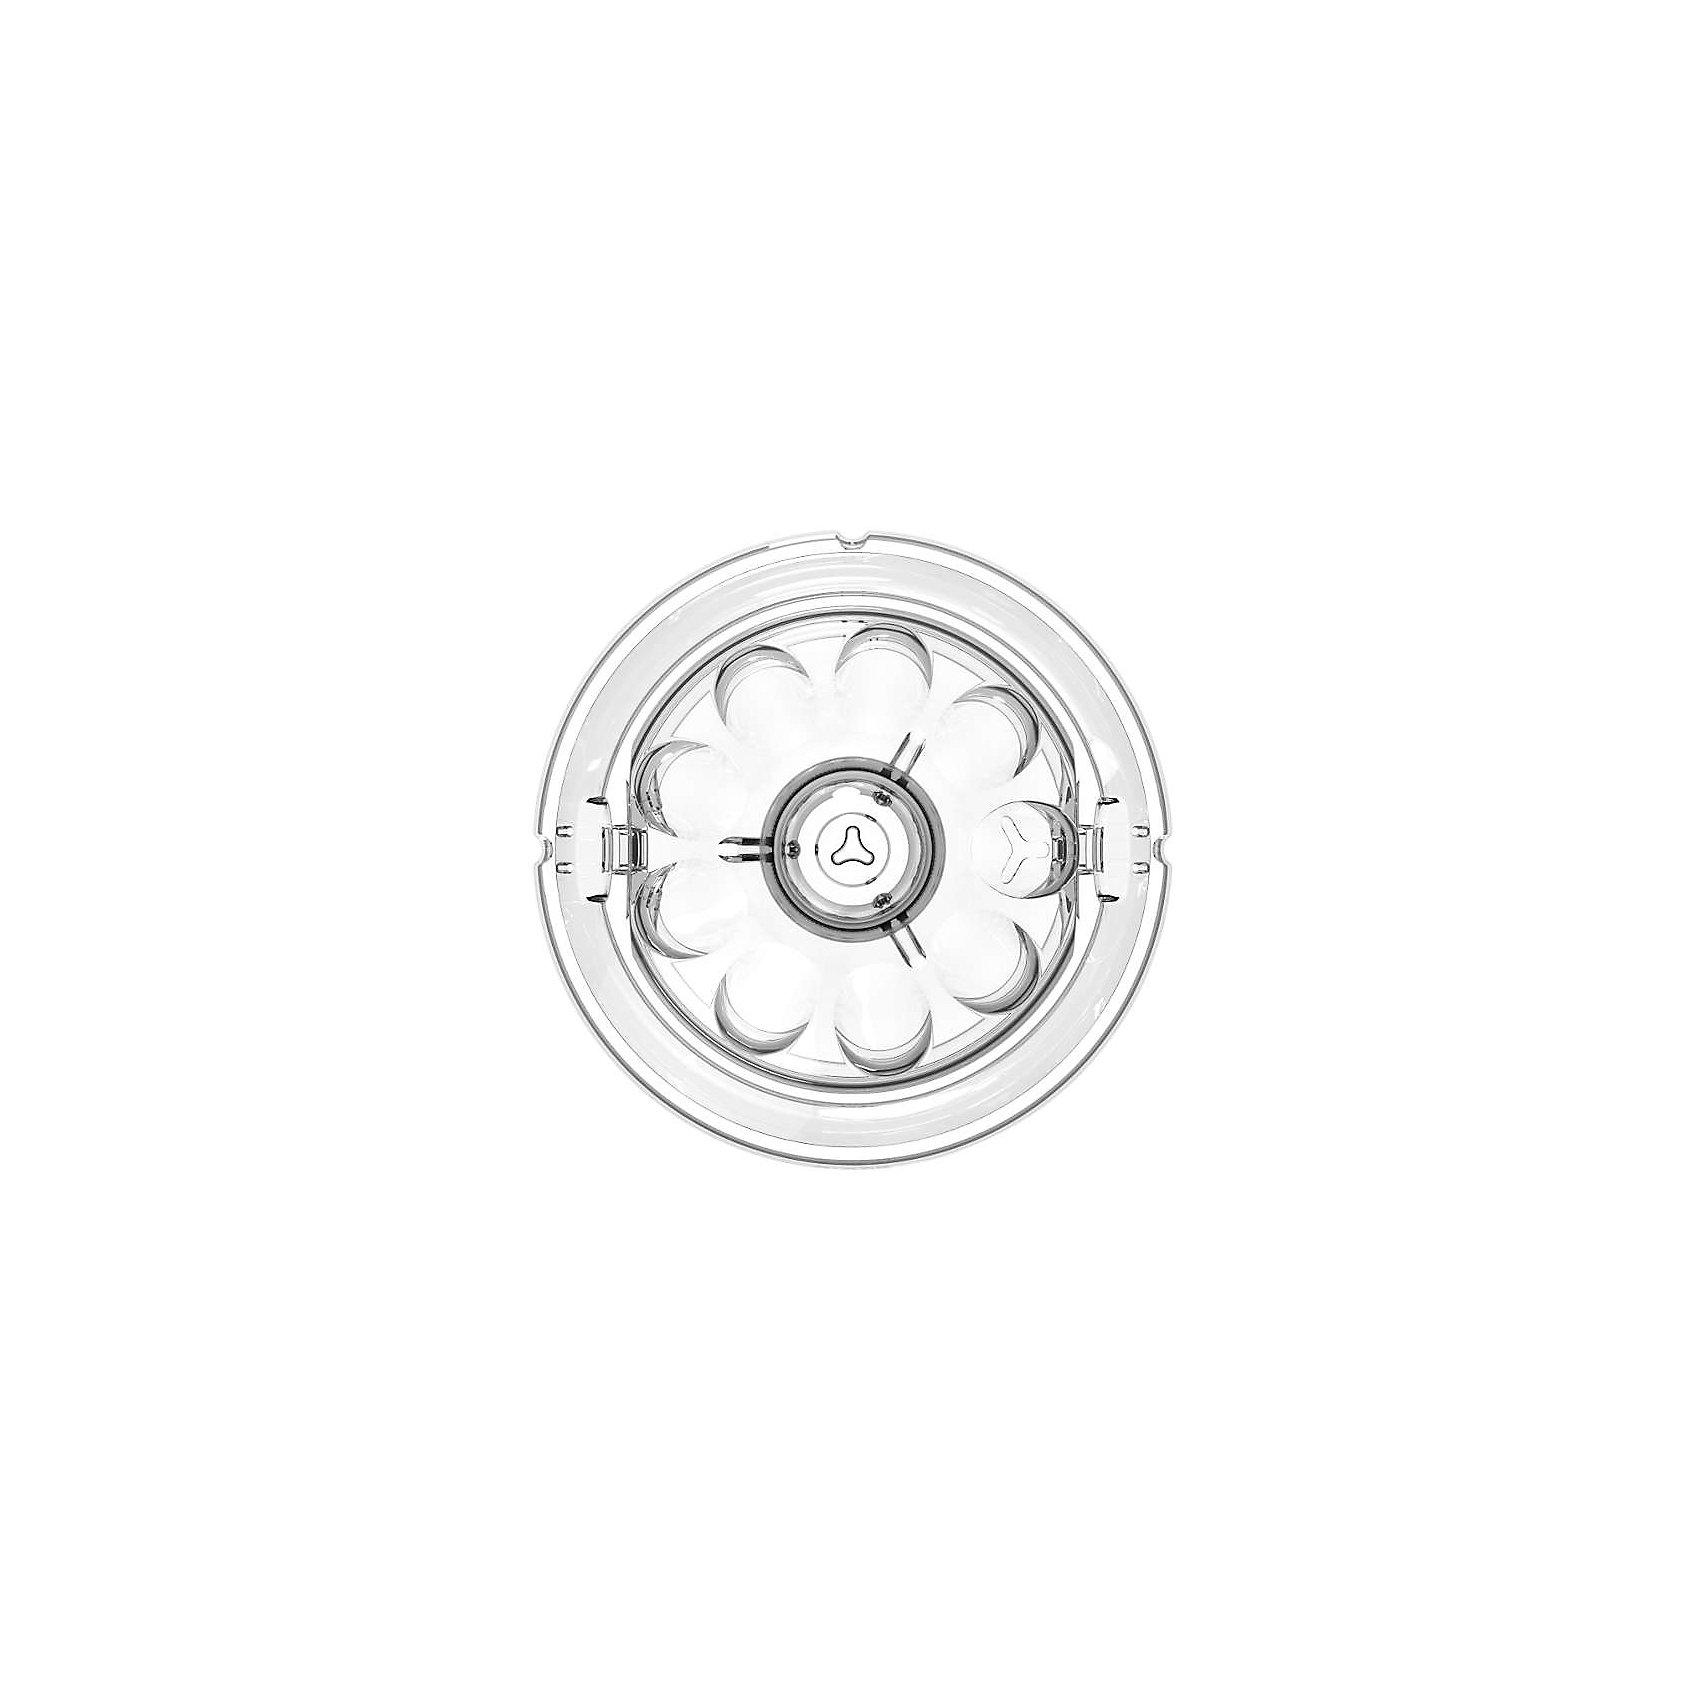 Соска из силикона для густых жид-тей, 6мес+, 2шт., Philips Avent